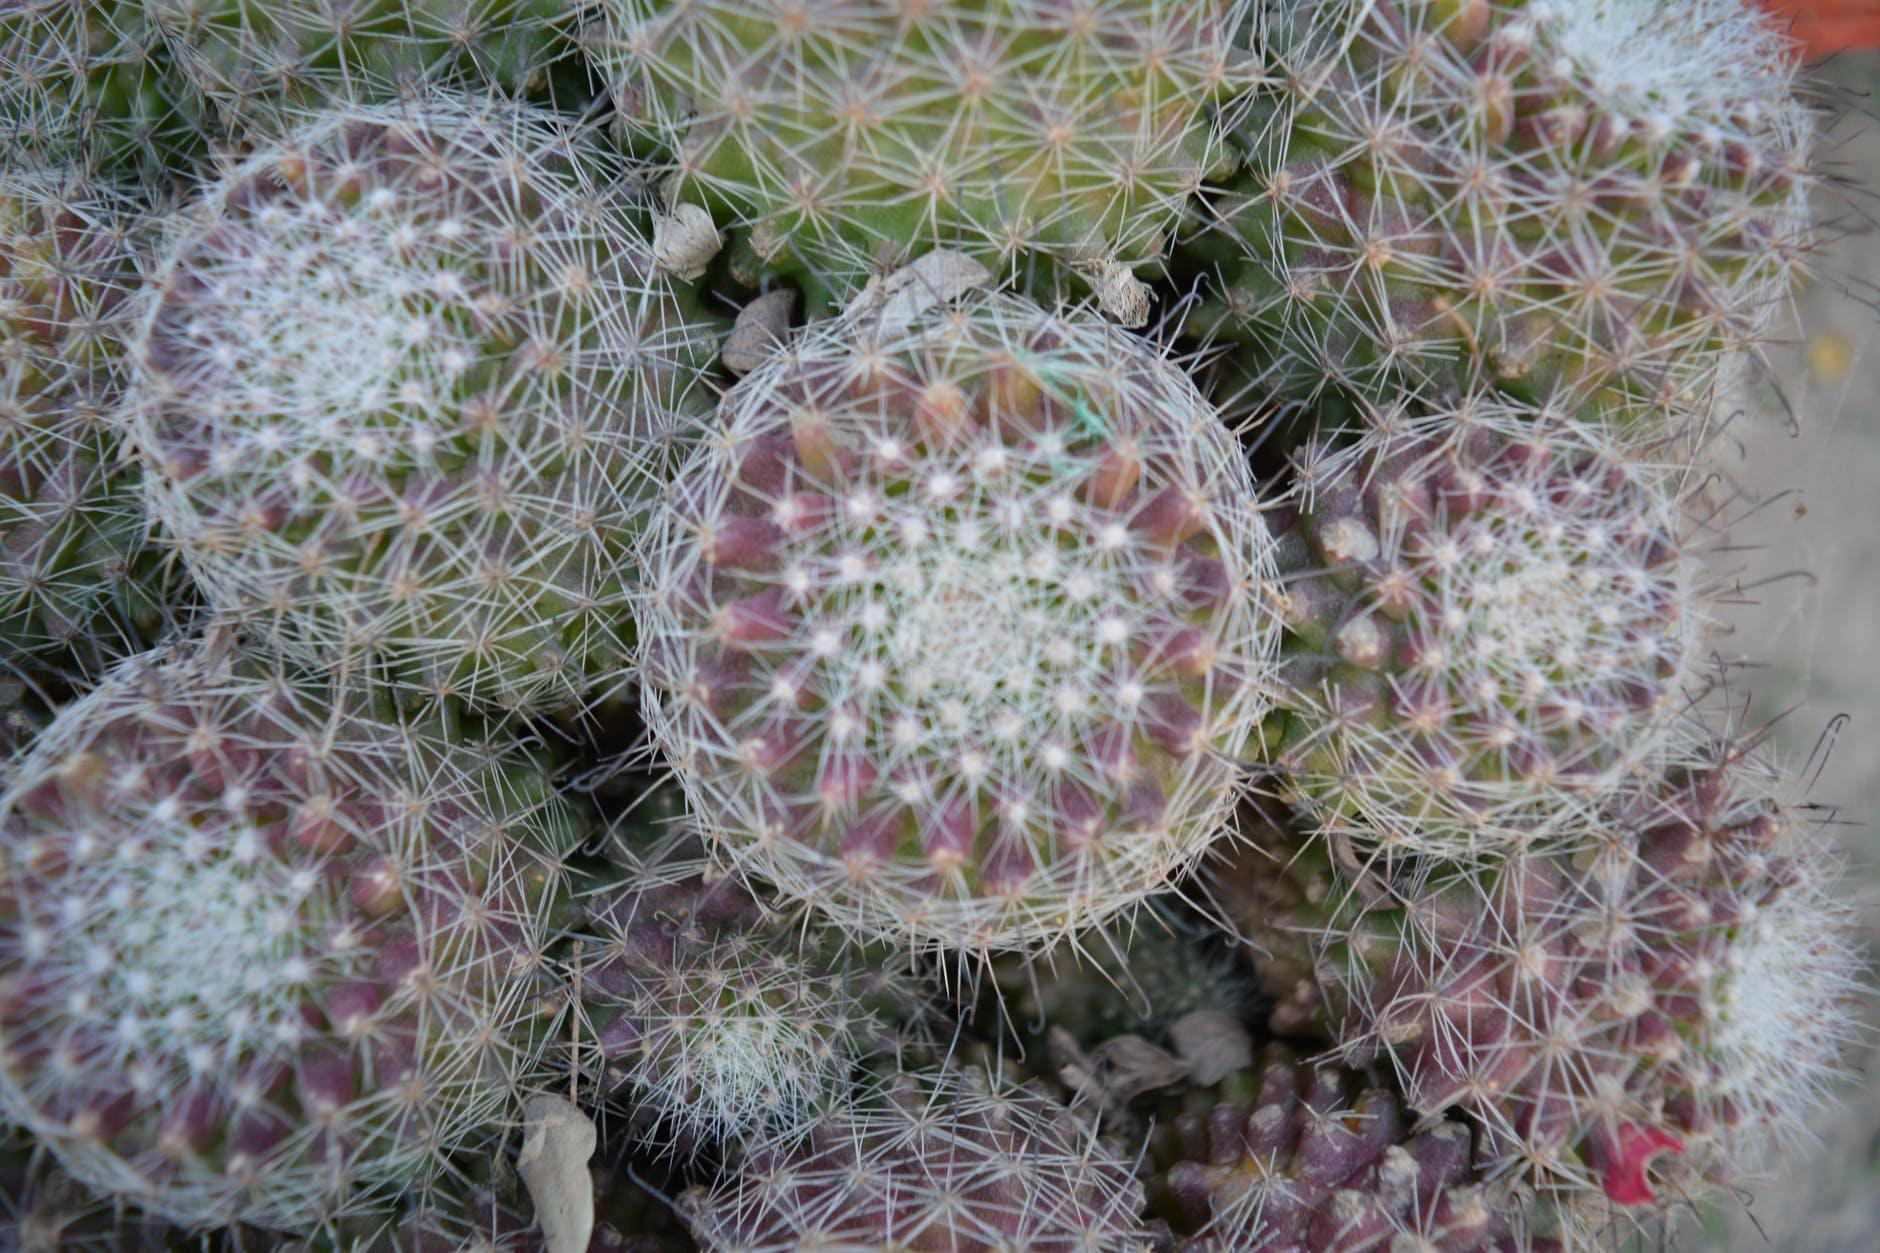 La la planta puede mostrar la falta de agua o exceso de sol adquiriendo coloraciones rojizas.